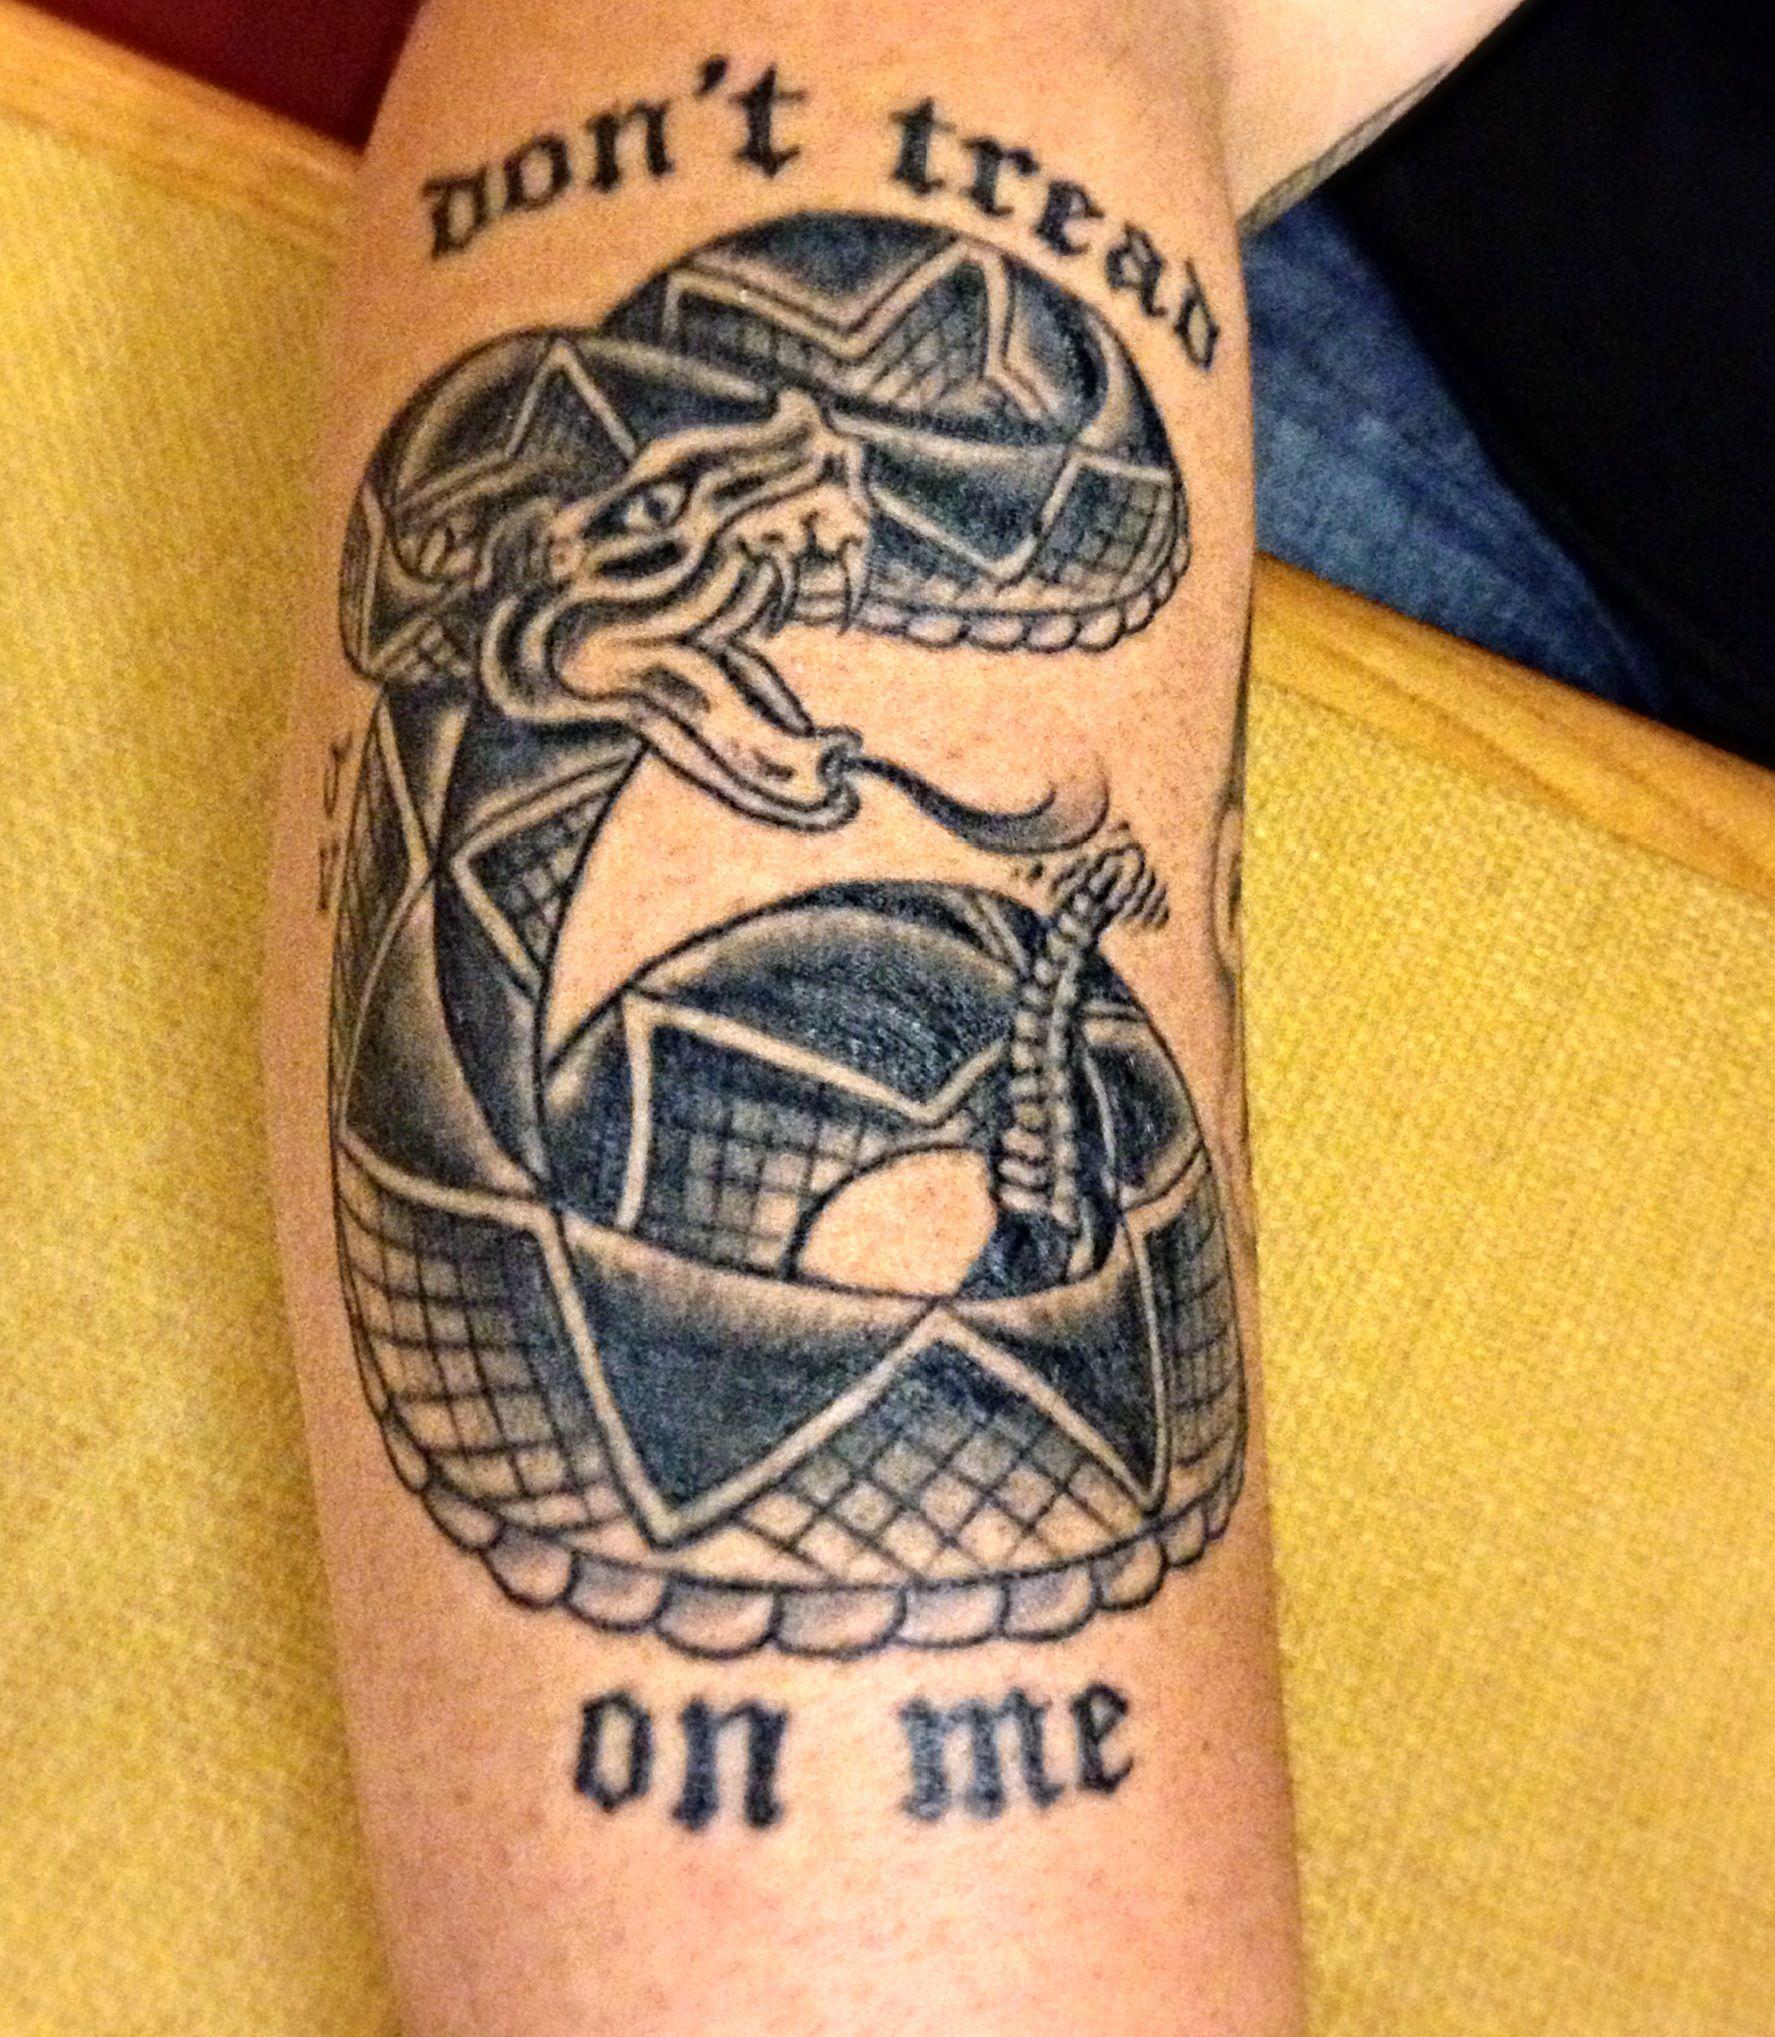 Top Tattoos Ideas That Don't Tread on Me Tattoo!